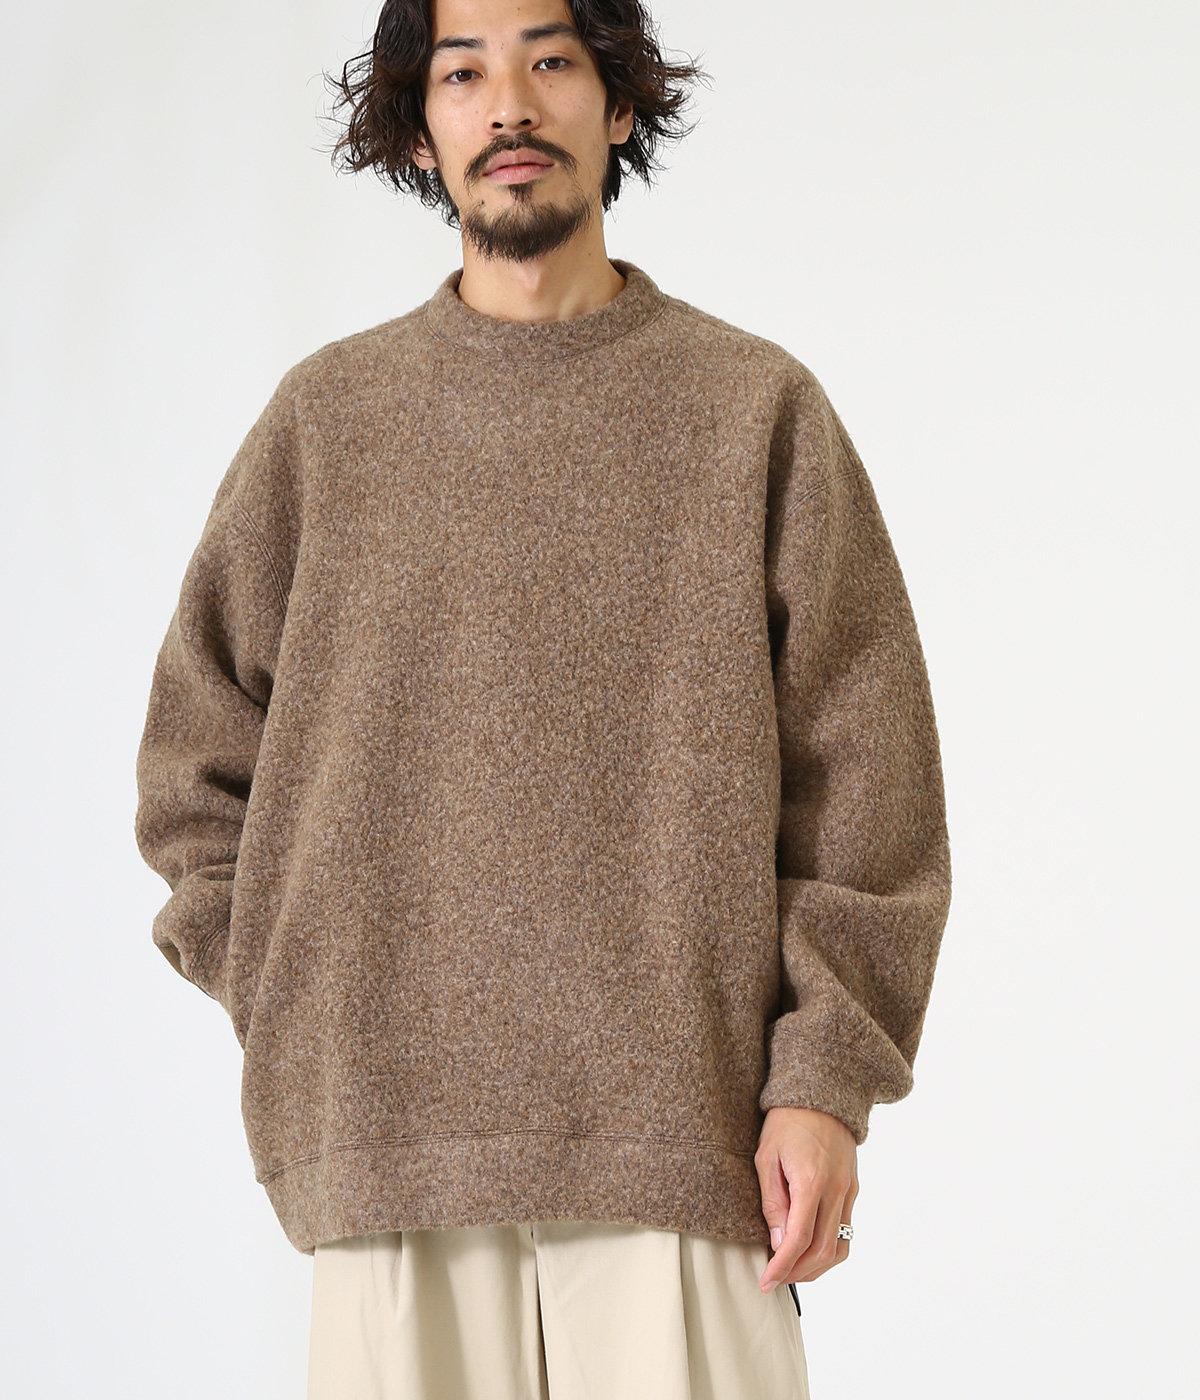 CREW NECK - wool sheep pile -